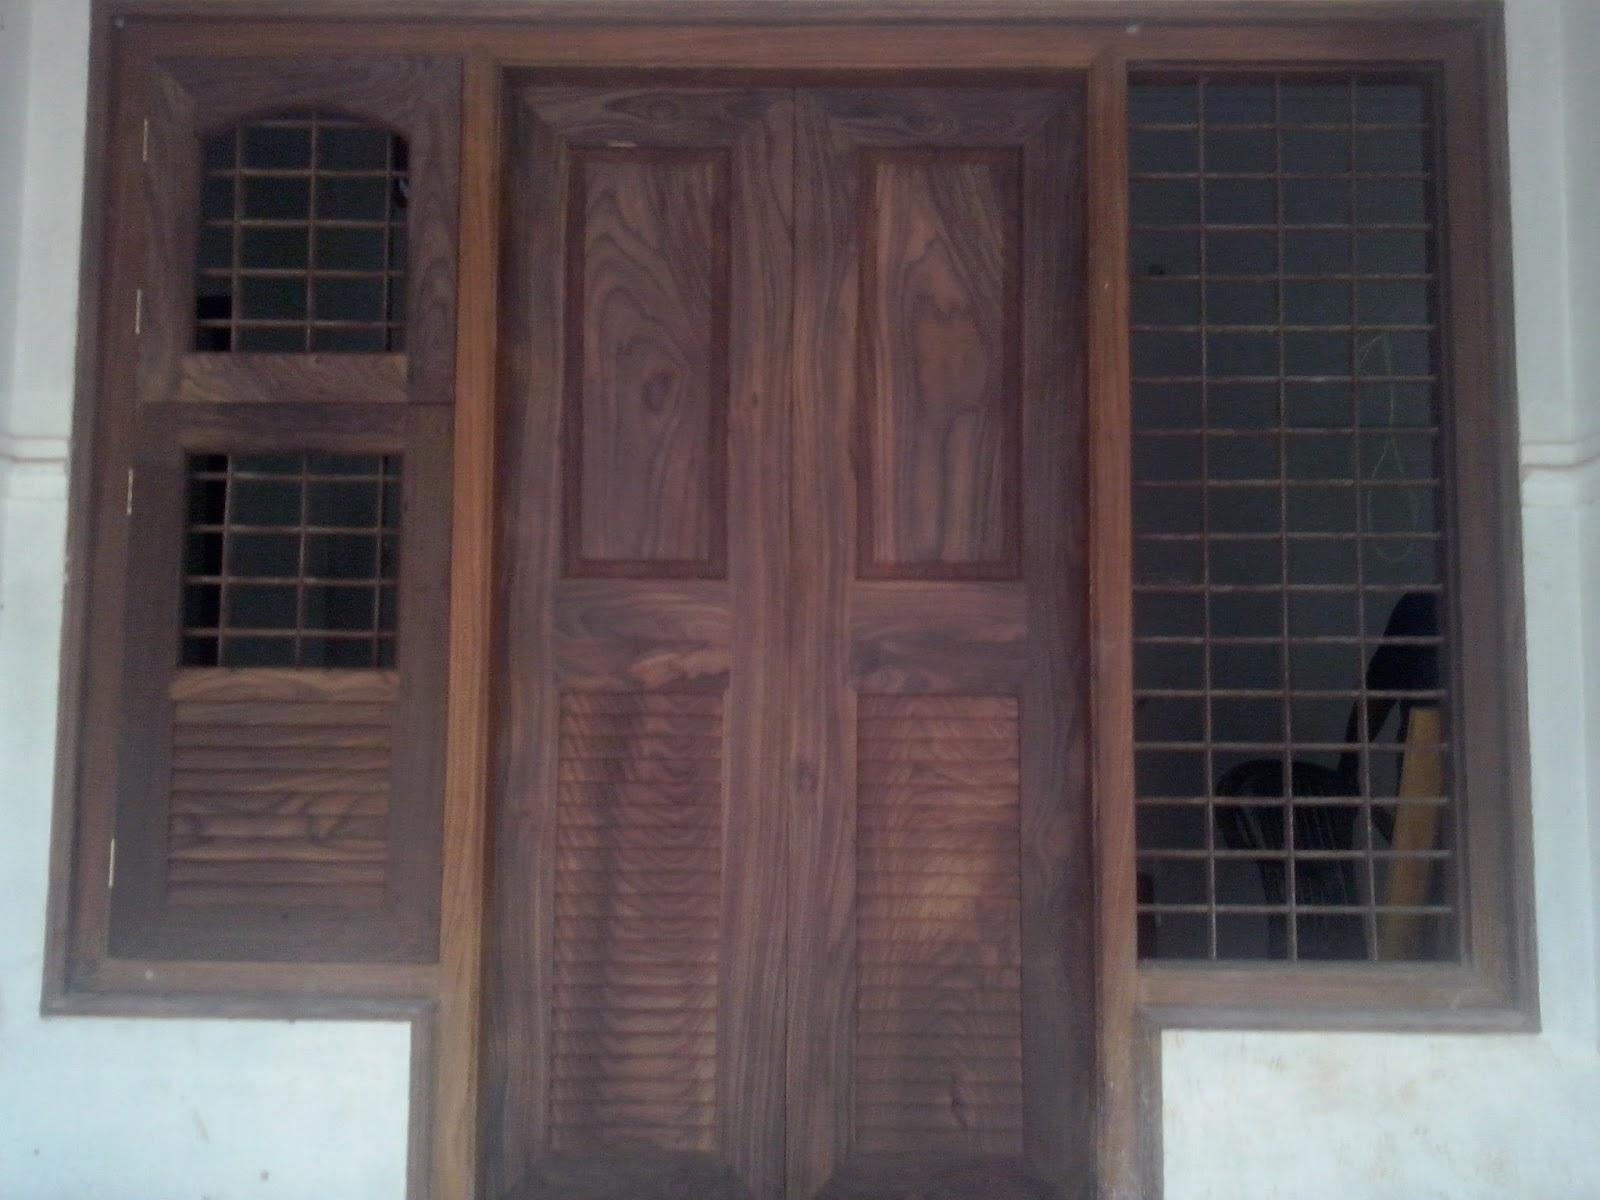 Wooden Double Door - Main entrance door design in Veetti wood